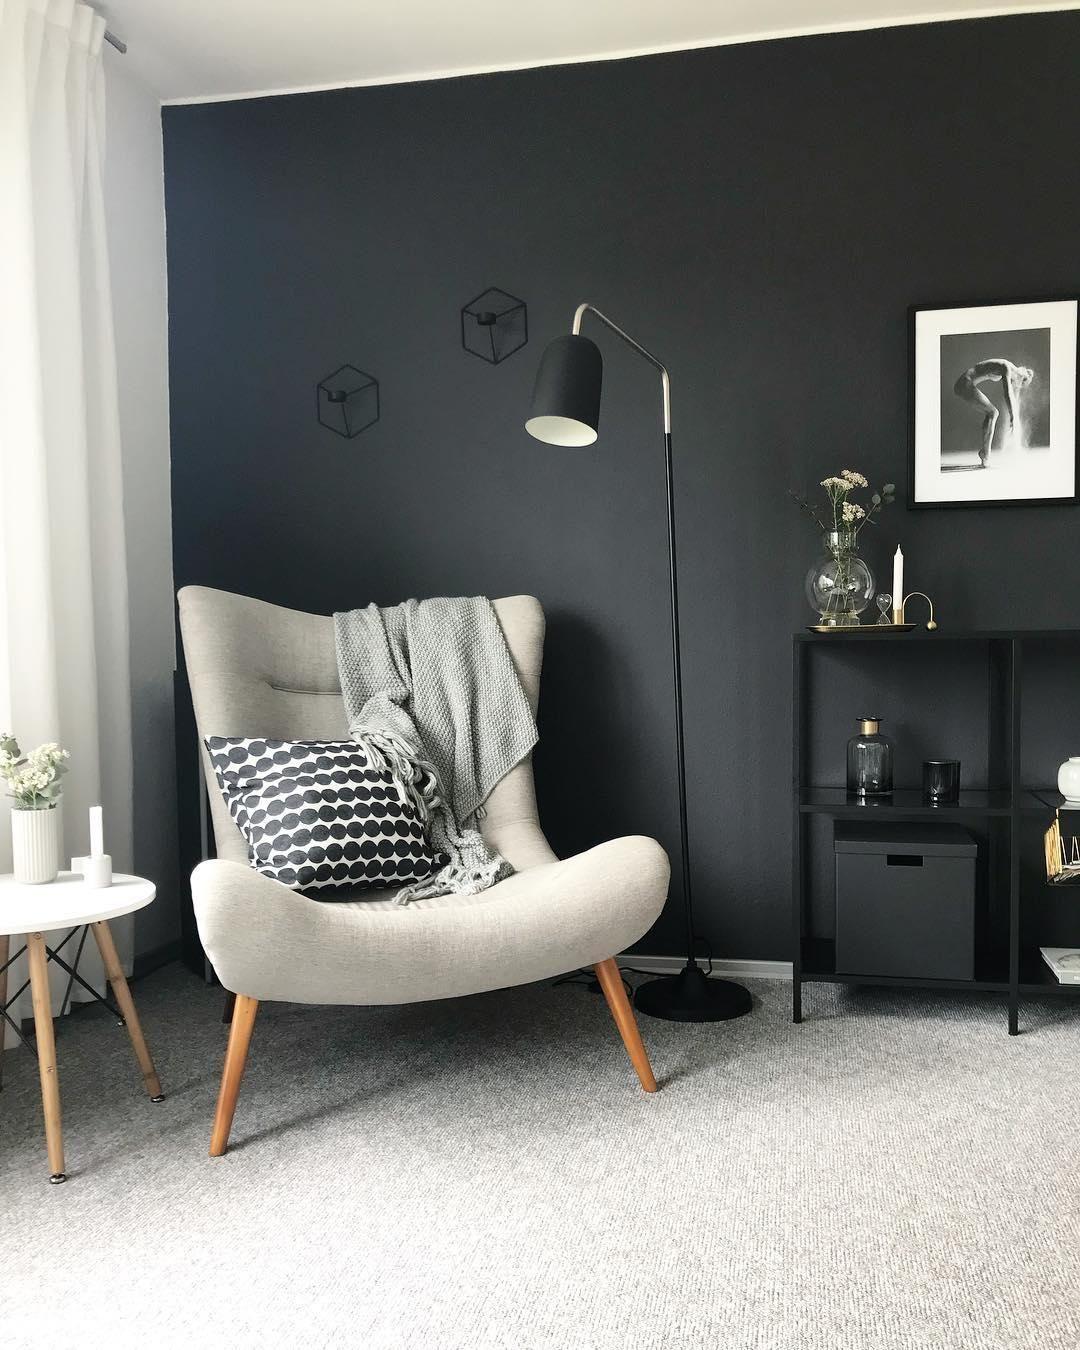 Graue Wände Wohnzimmer: Ein Interior-Trend Für Mutige! Wir Zeigen